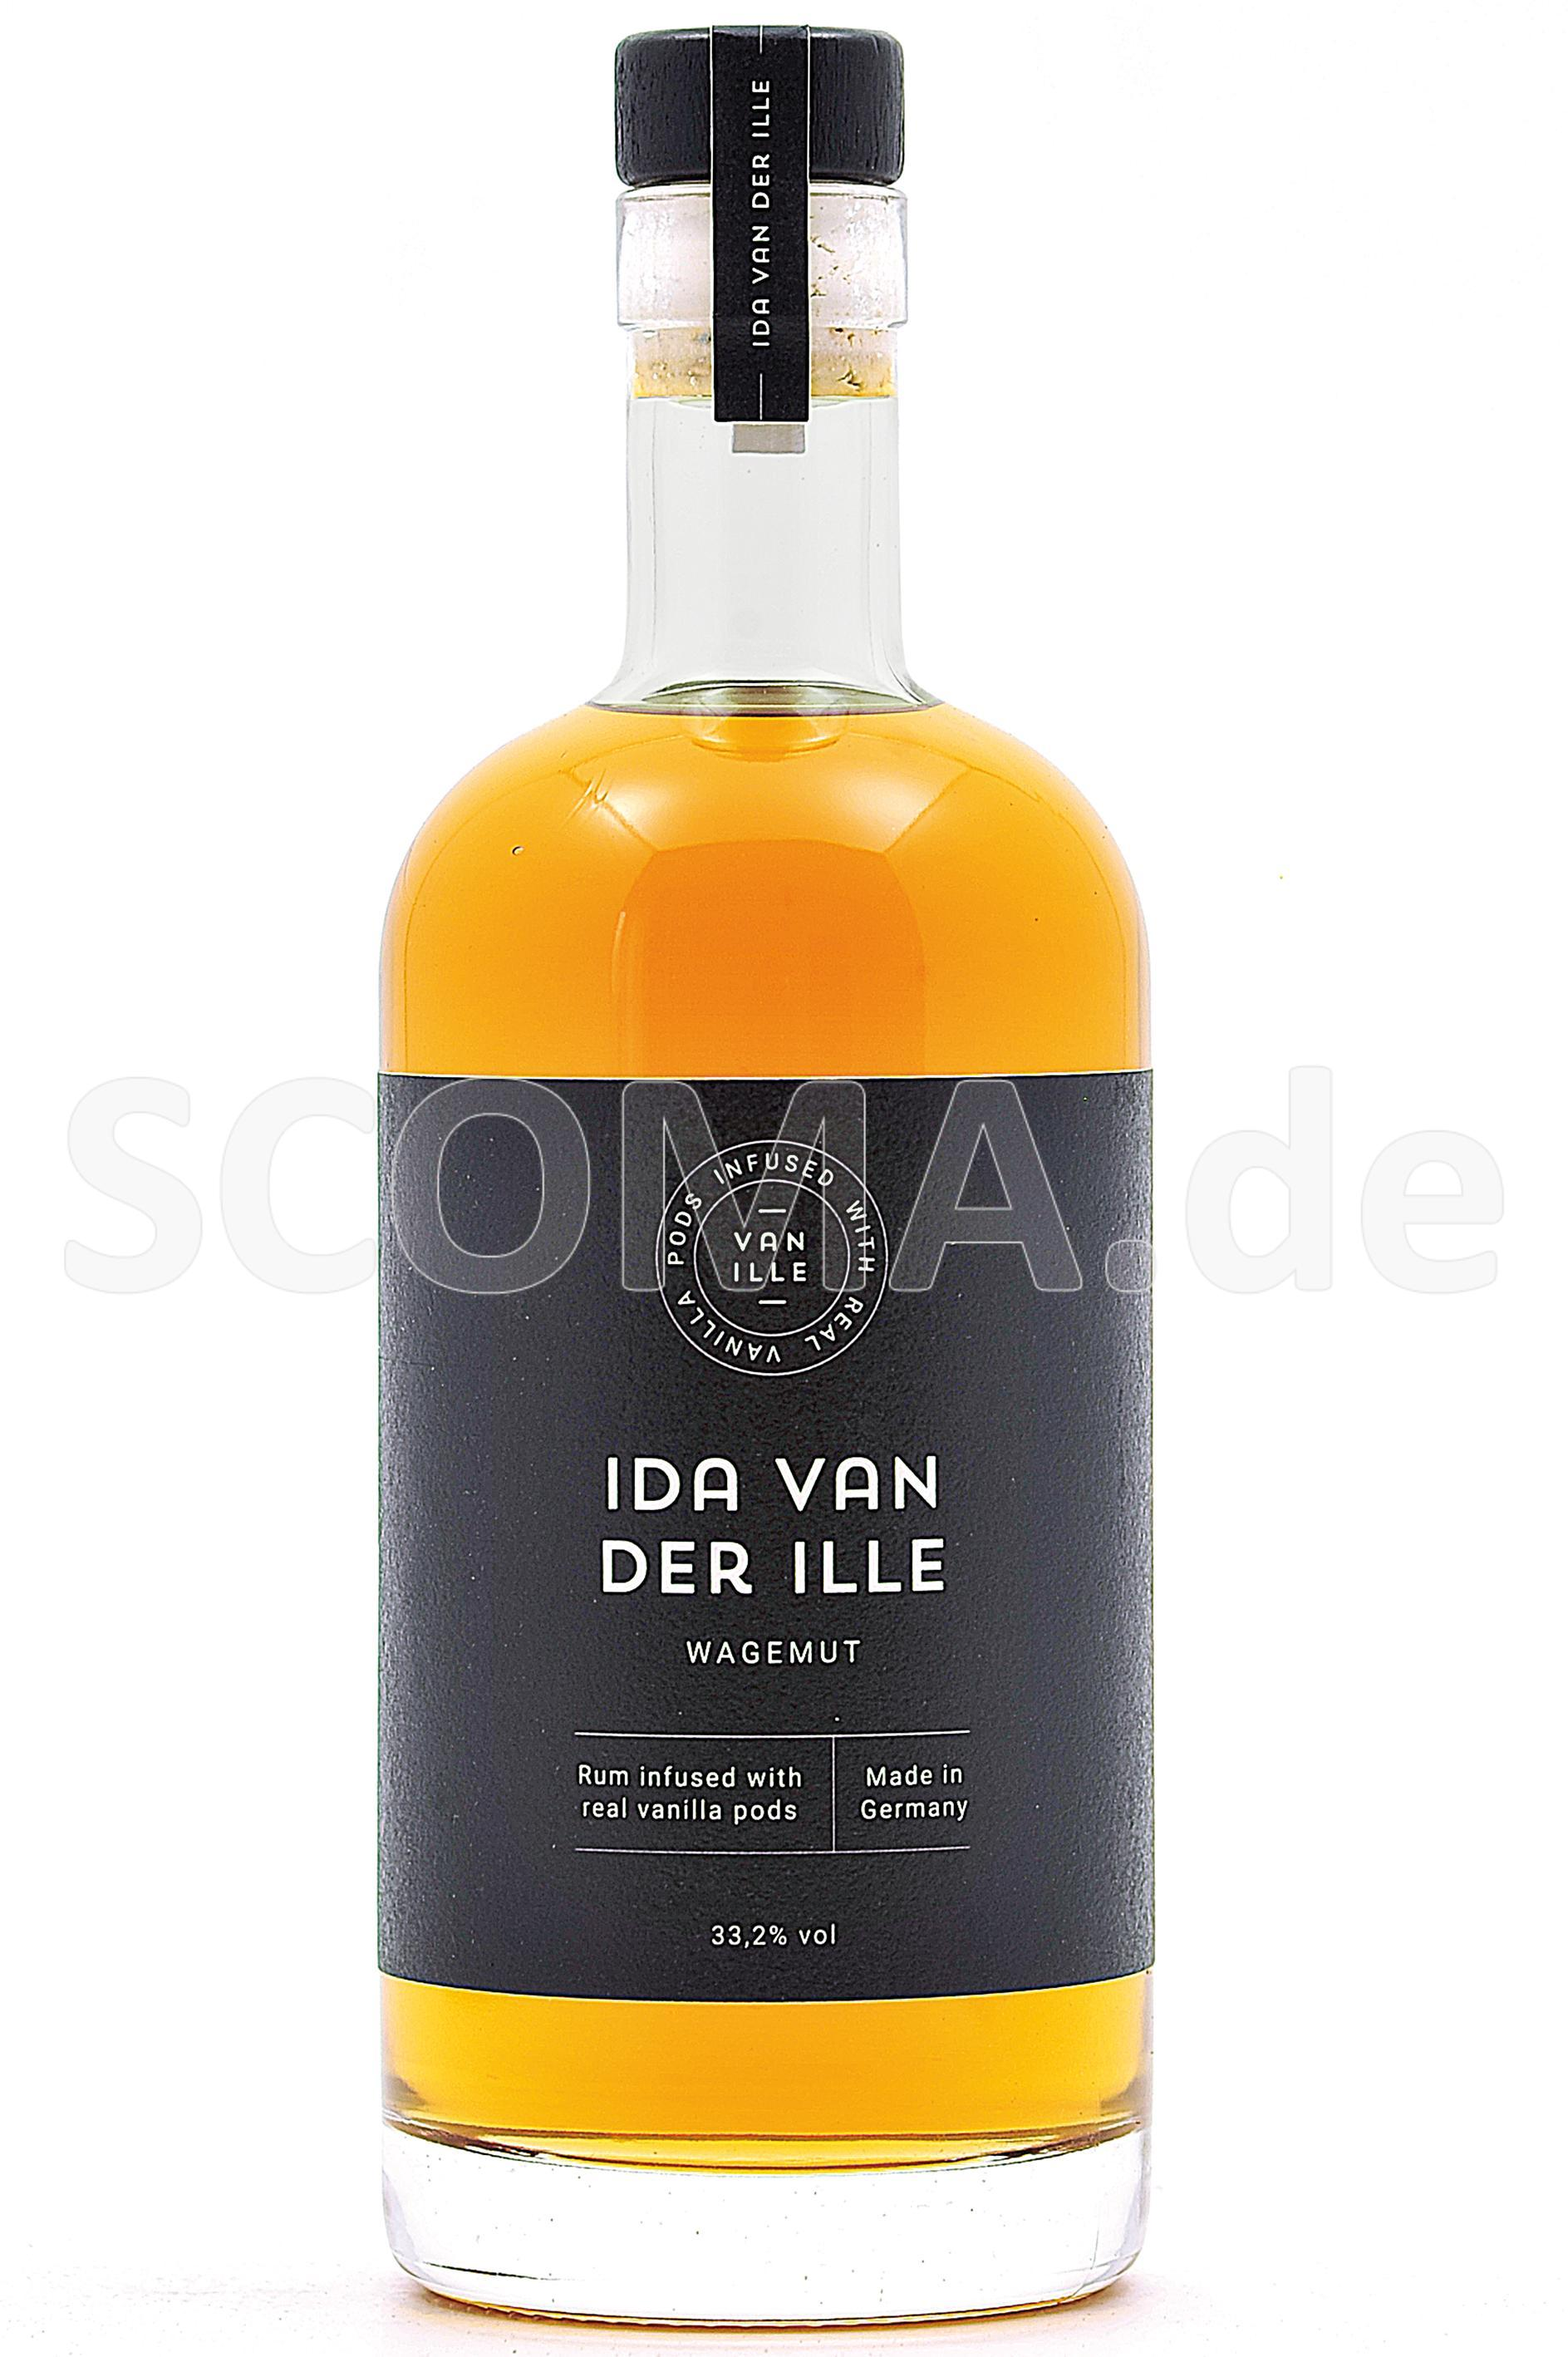 Ida van der Ille von Wagemut